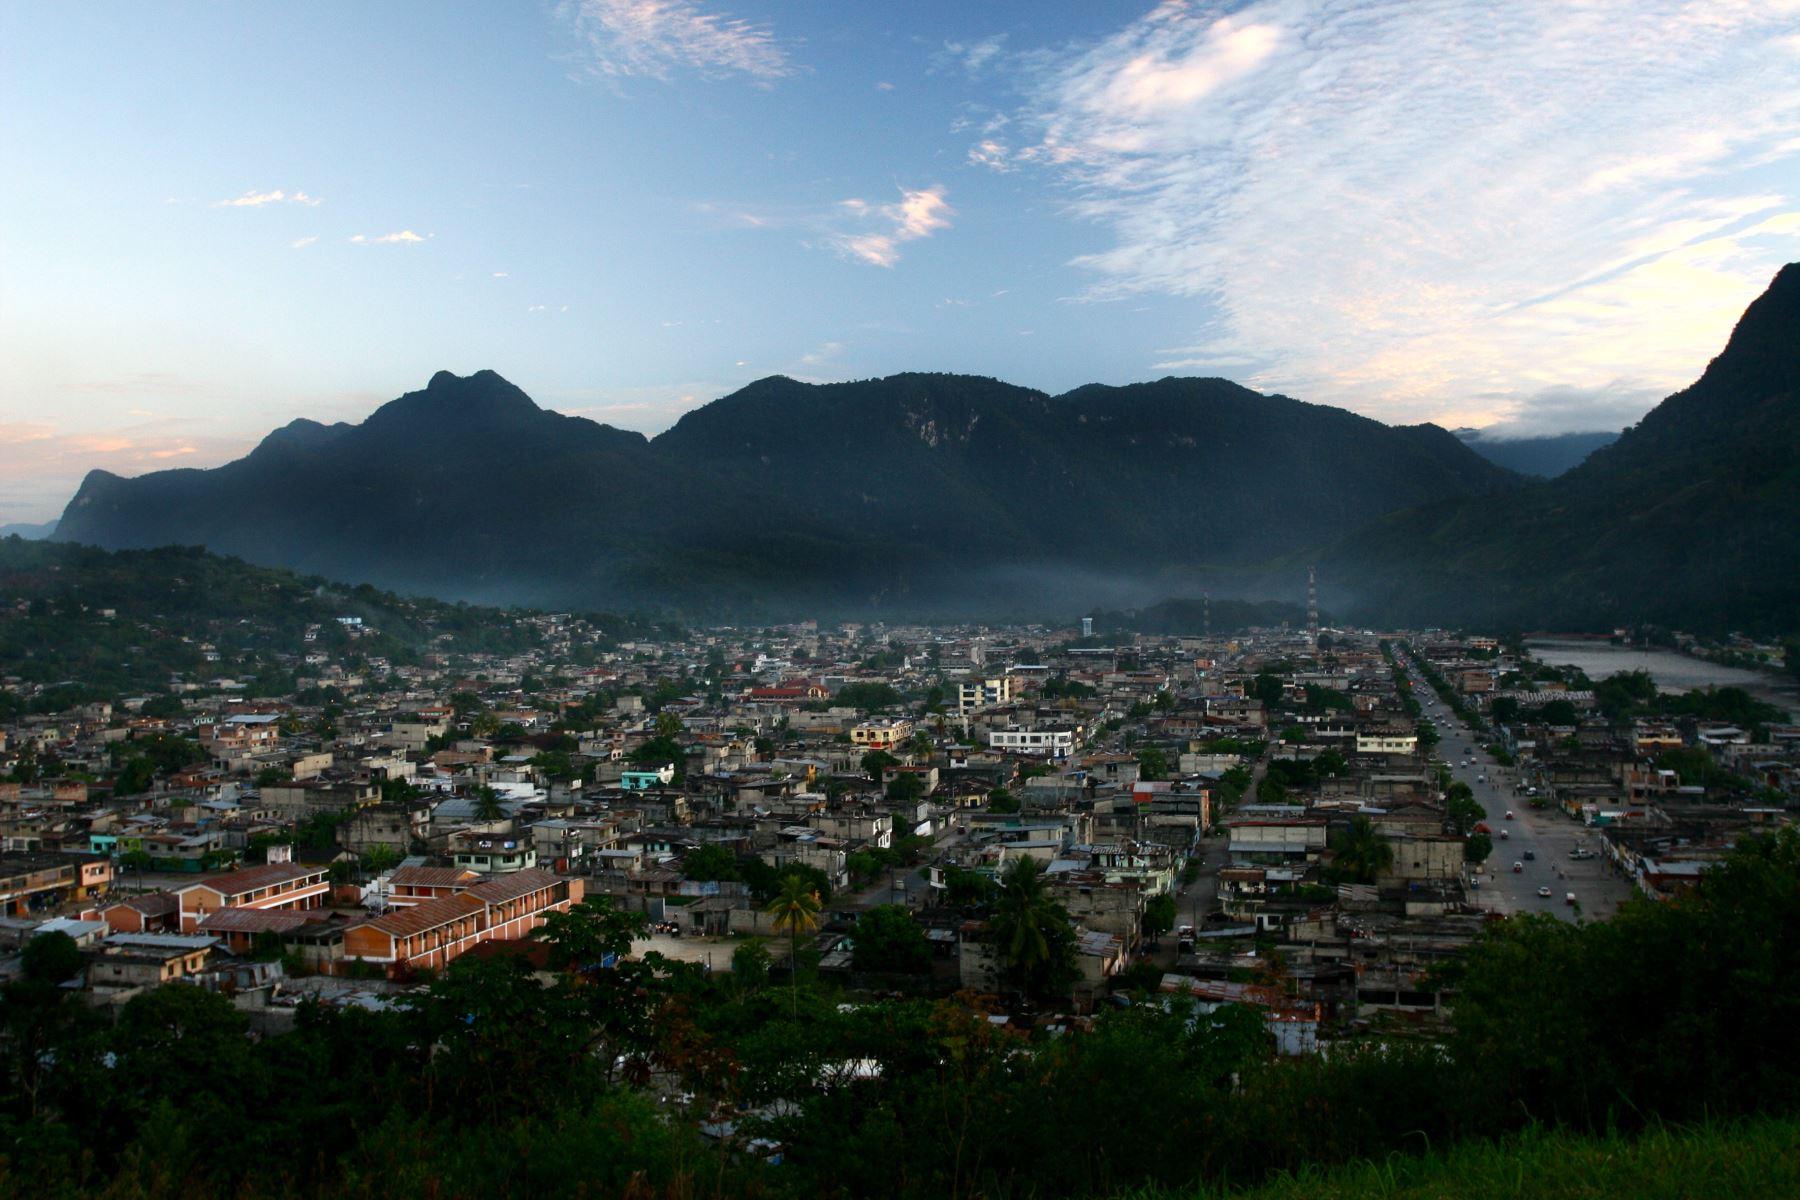 La ciudad de Tingo María fue remecida esta mañana por un sismo de magnitud 4.0, reportó el IGP. Cortesía